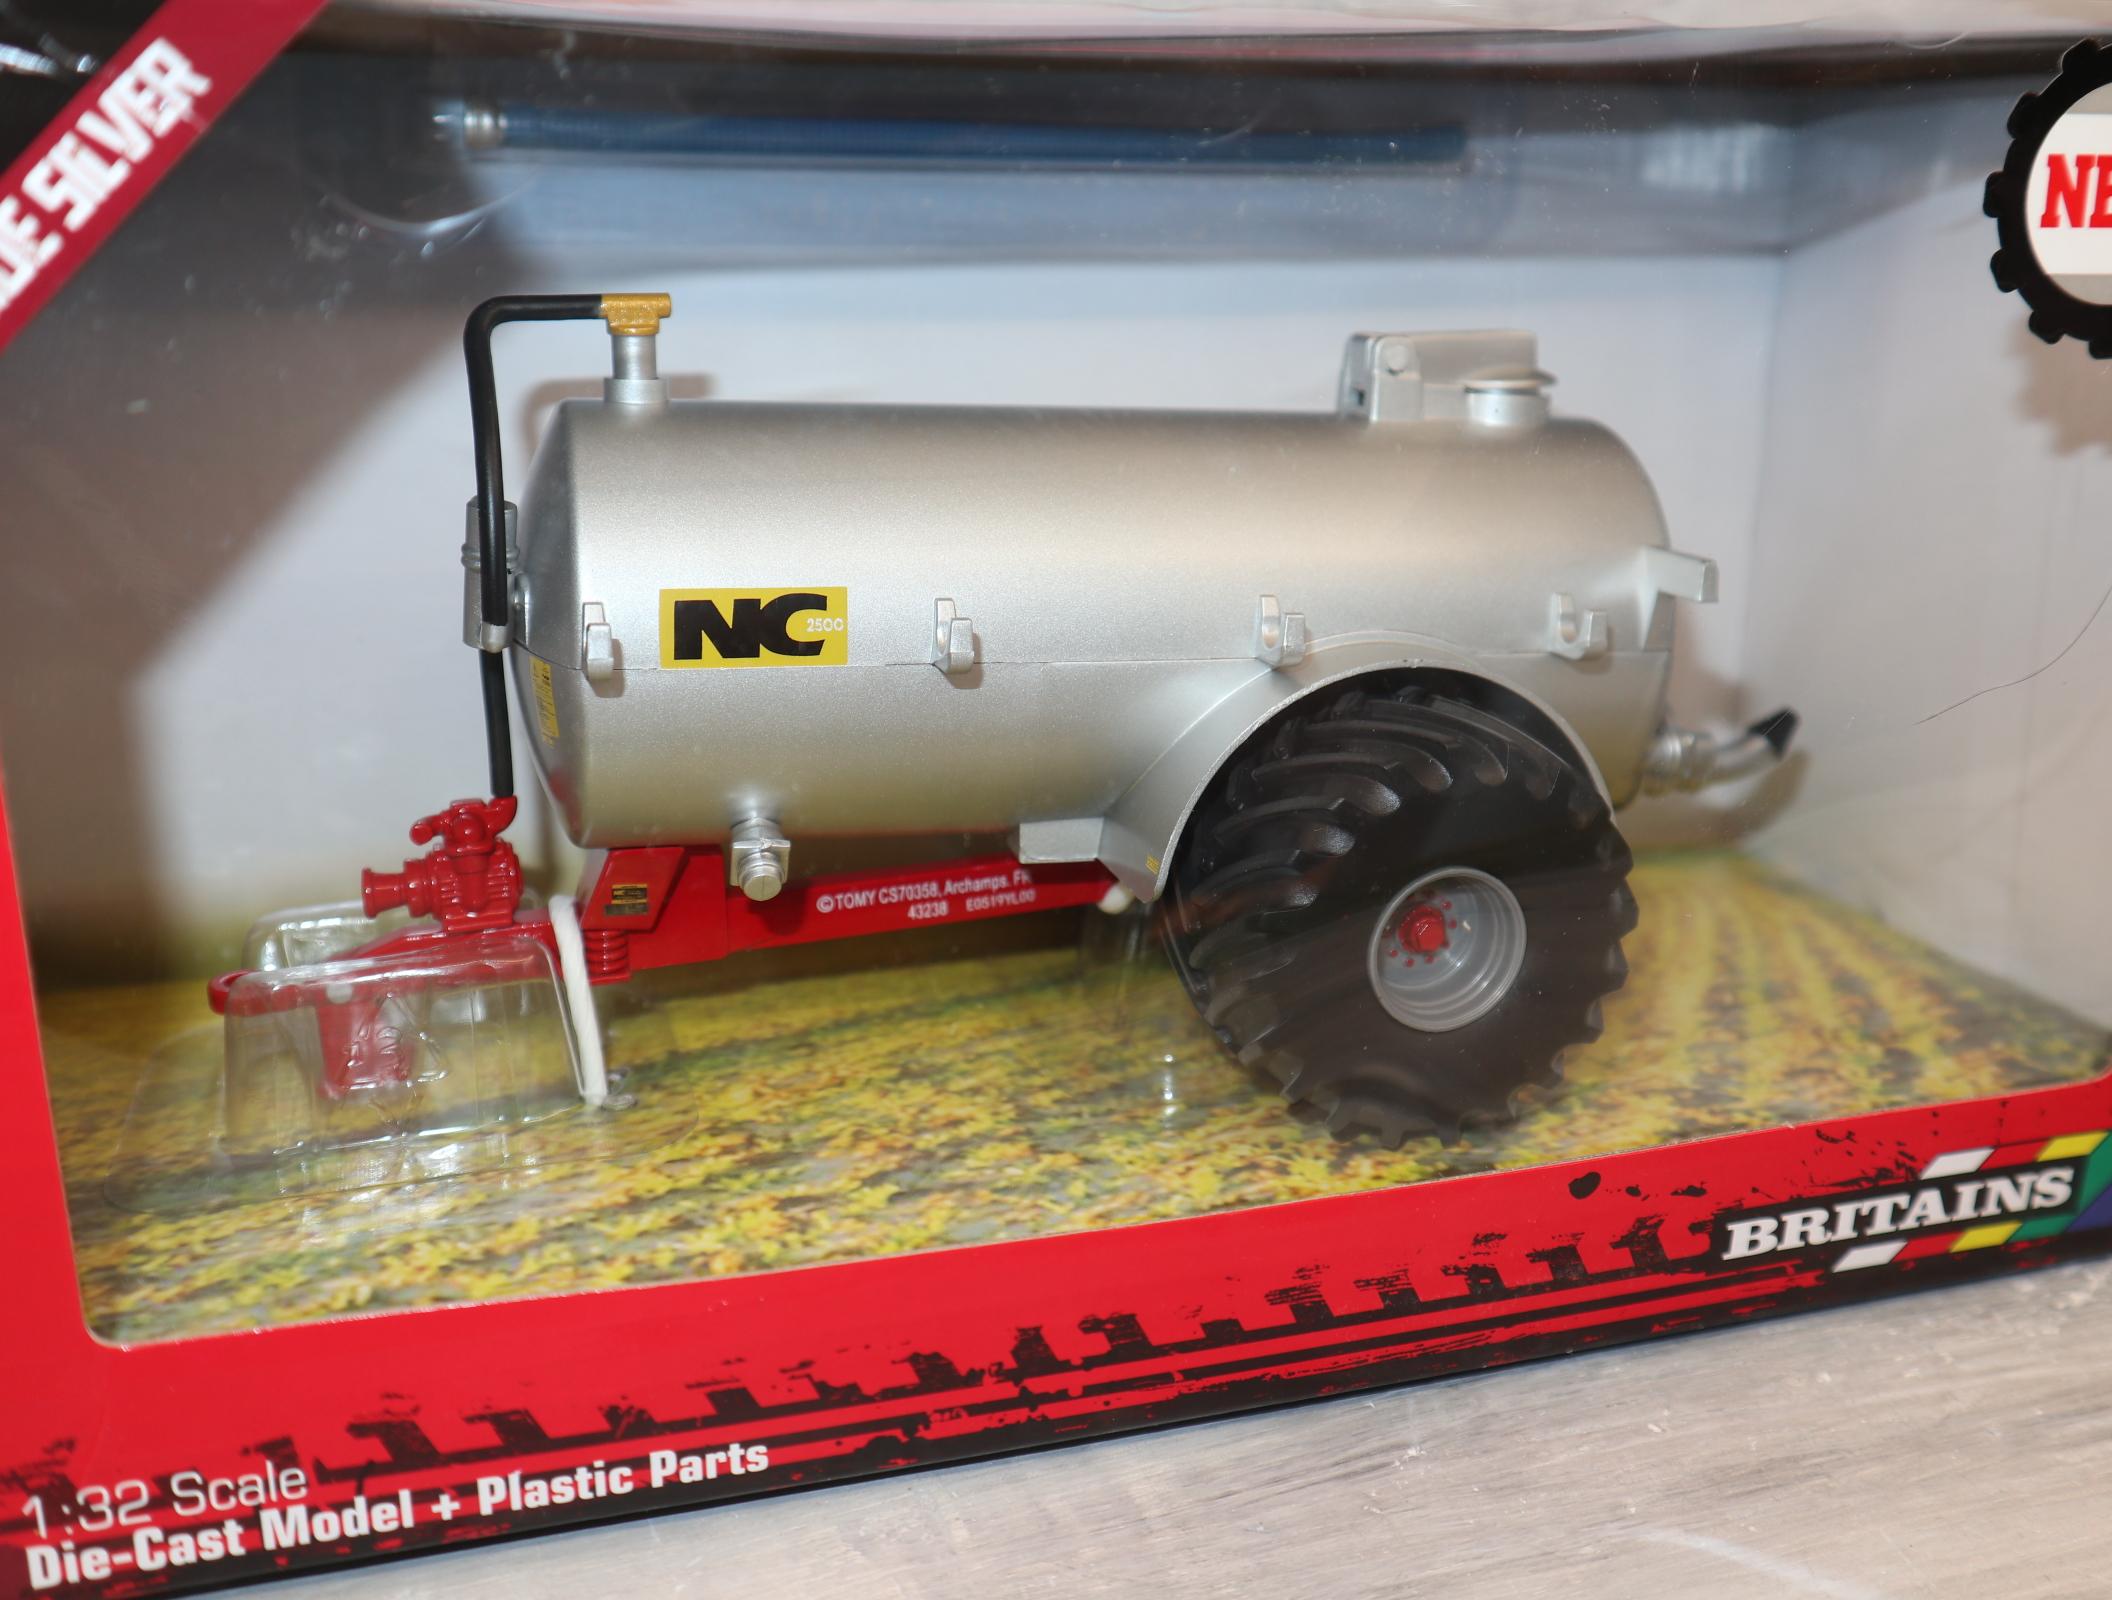 Britains 43238 1:32 NC Vakuum-Fasswagen silber Breitreifen